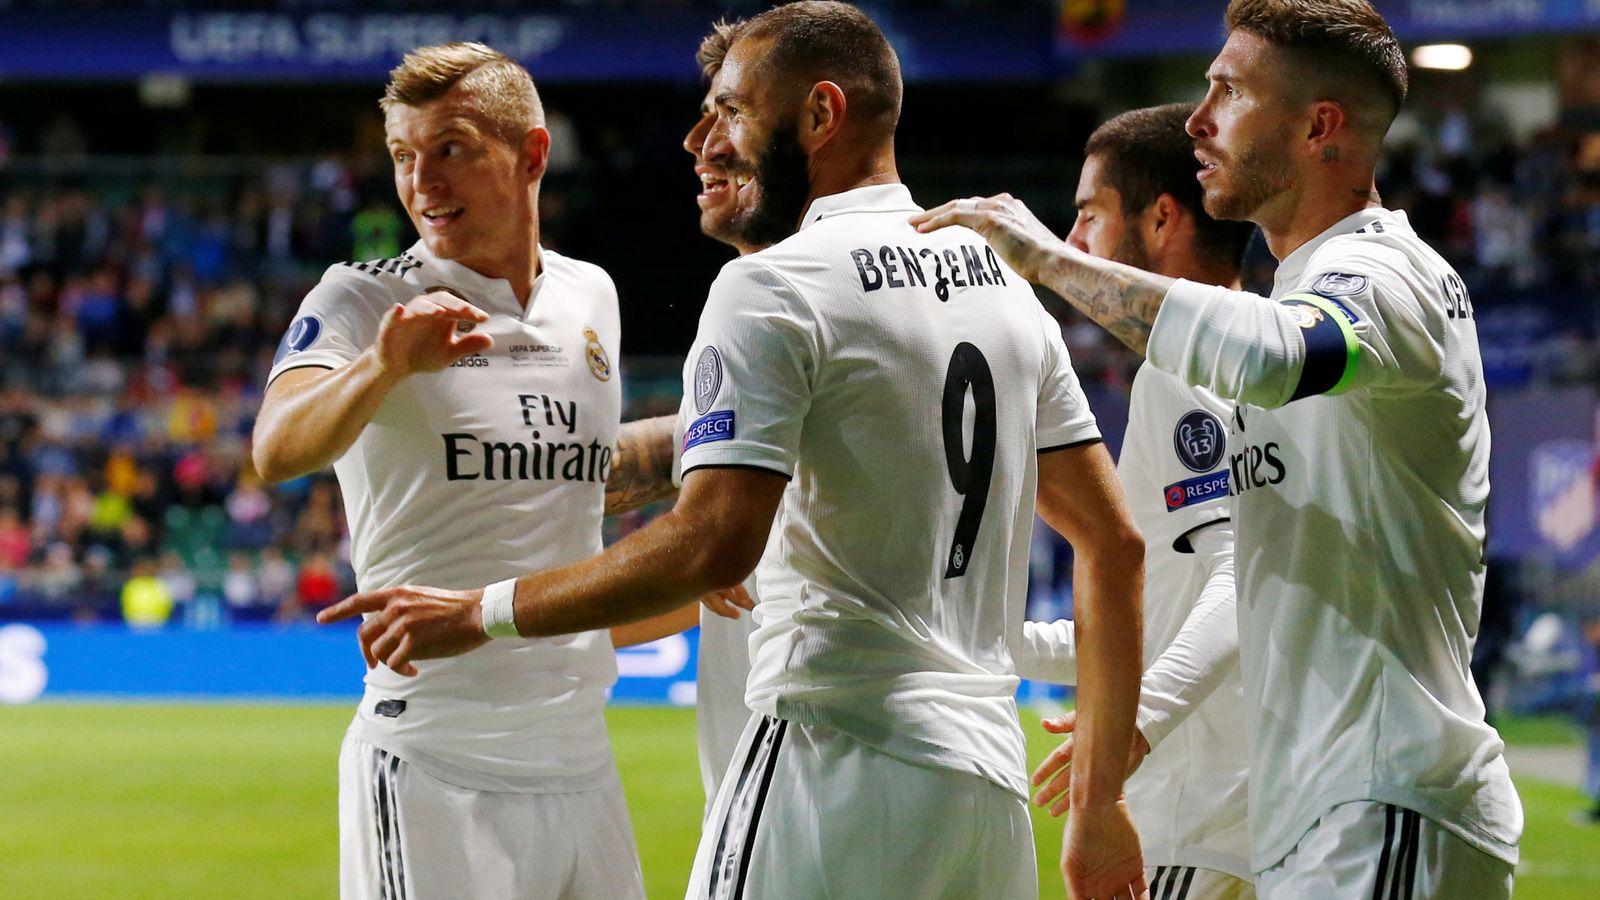 Foto: Benzema celebra el gol de cabeza marcado en la Supercopa de Europa al Atlético de Madrid. (EFE)